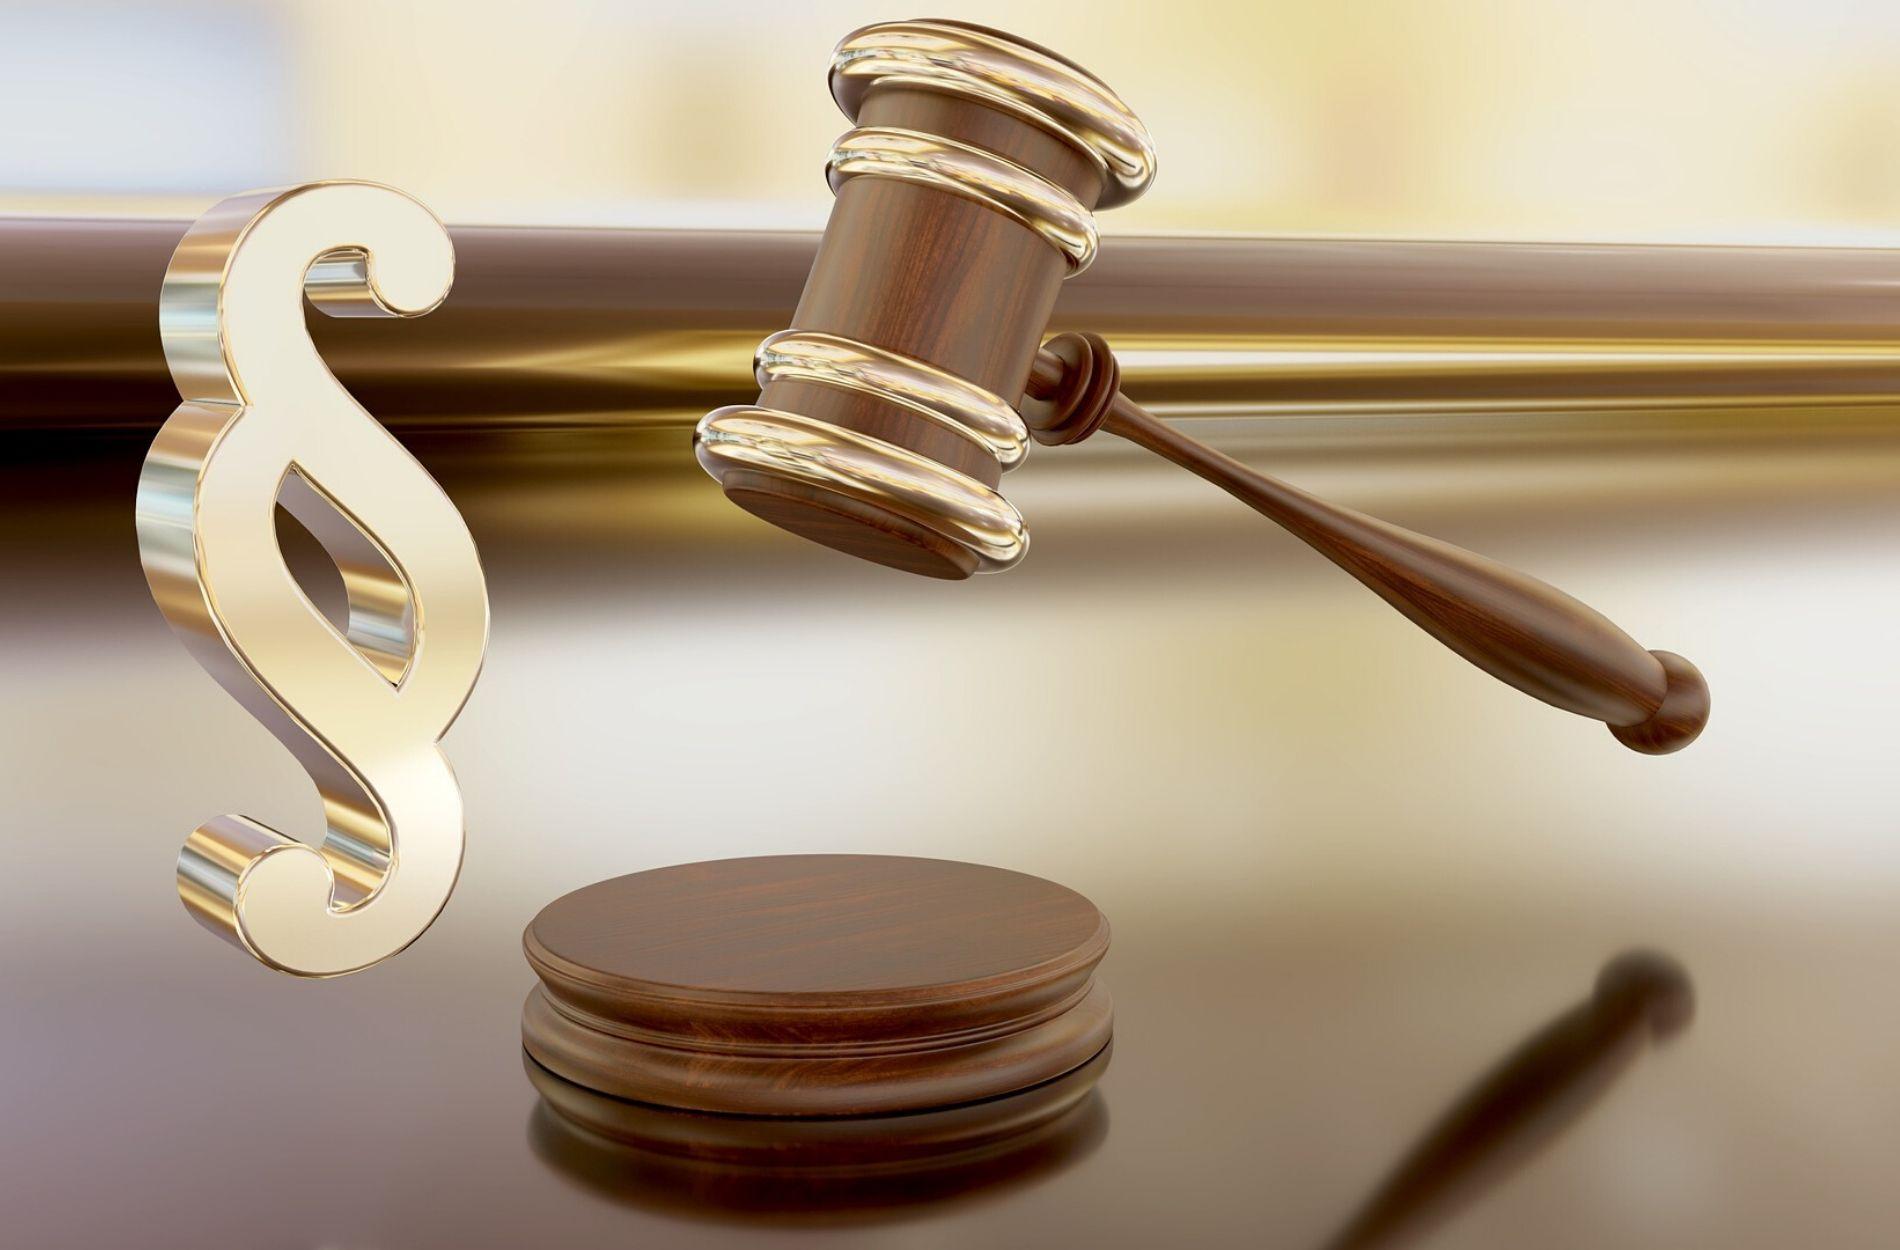 Суд против взыскания штрафа с бухгалтера